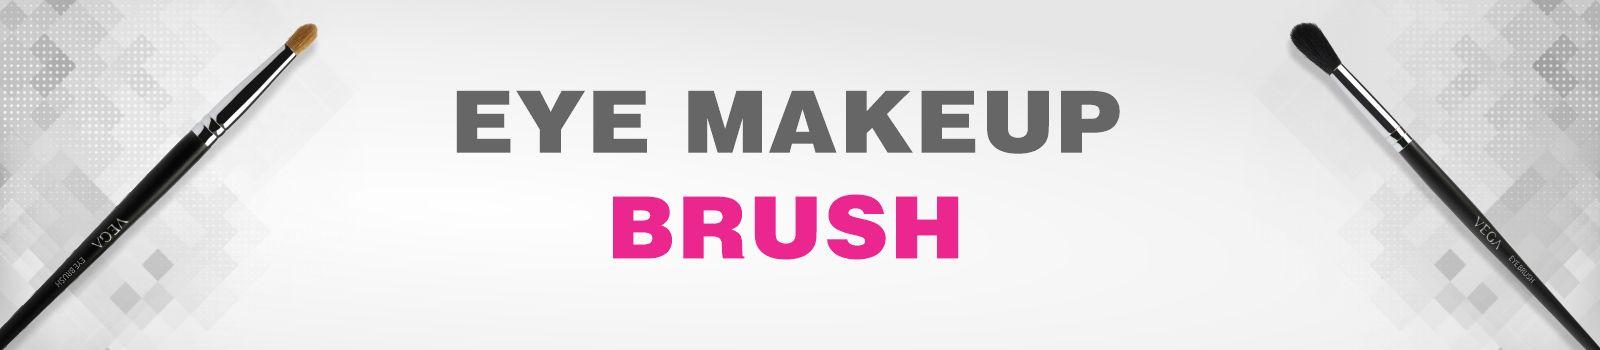 Eye Makeup Brush